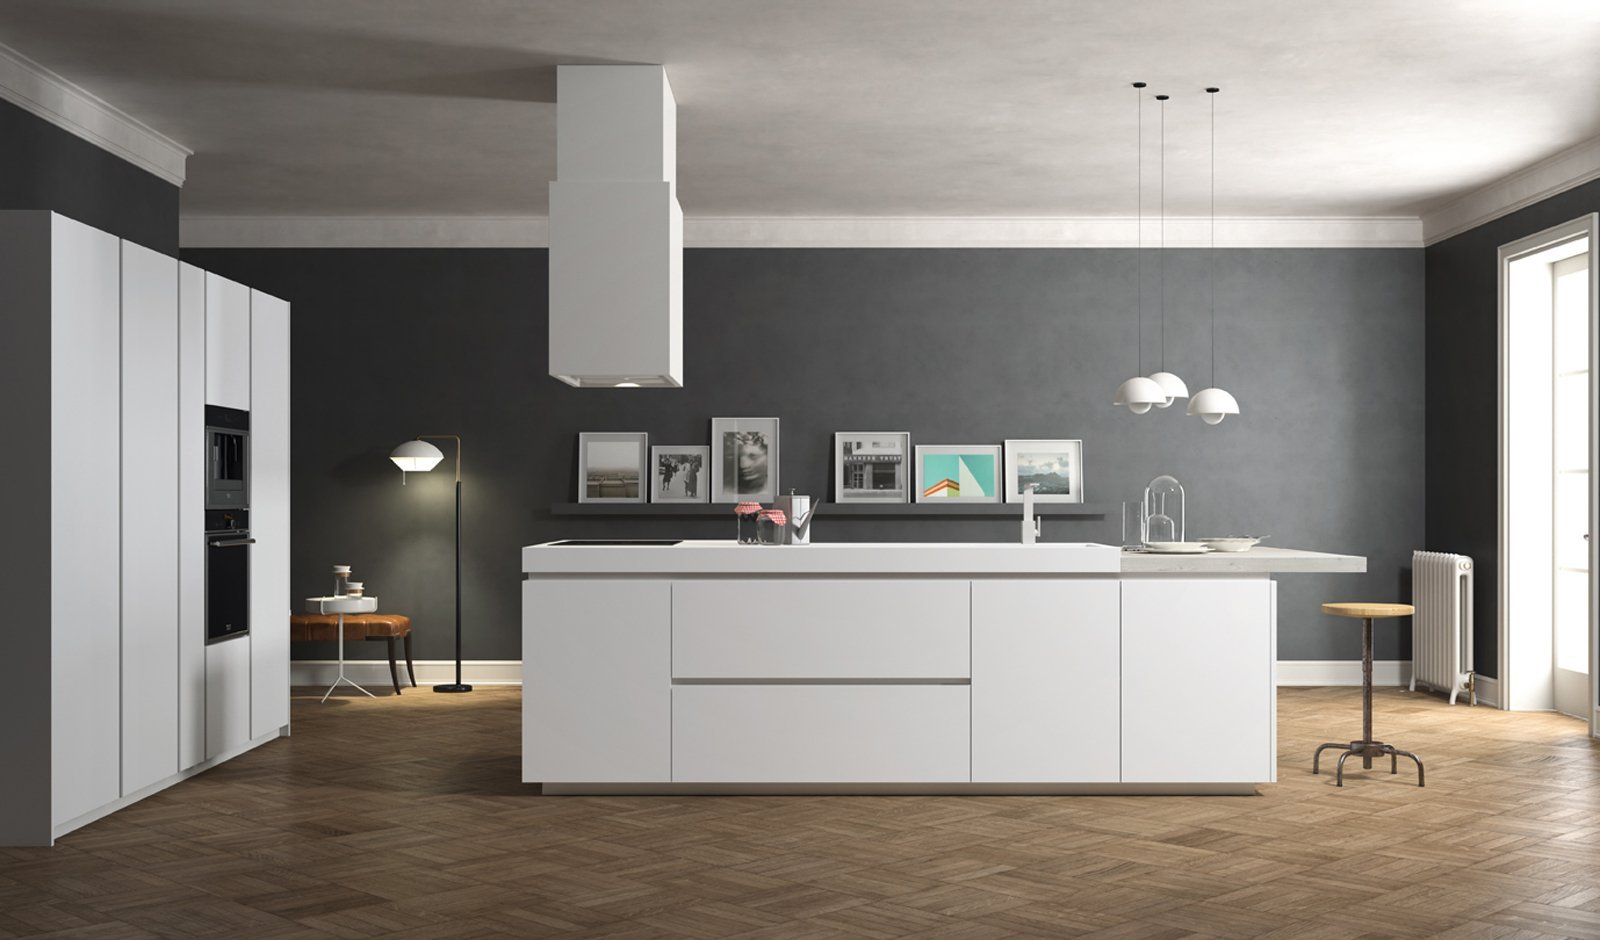 Pinta tu cocina de color gris